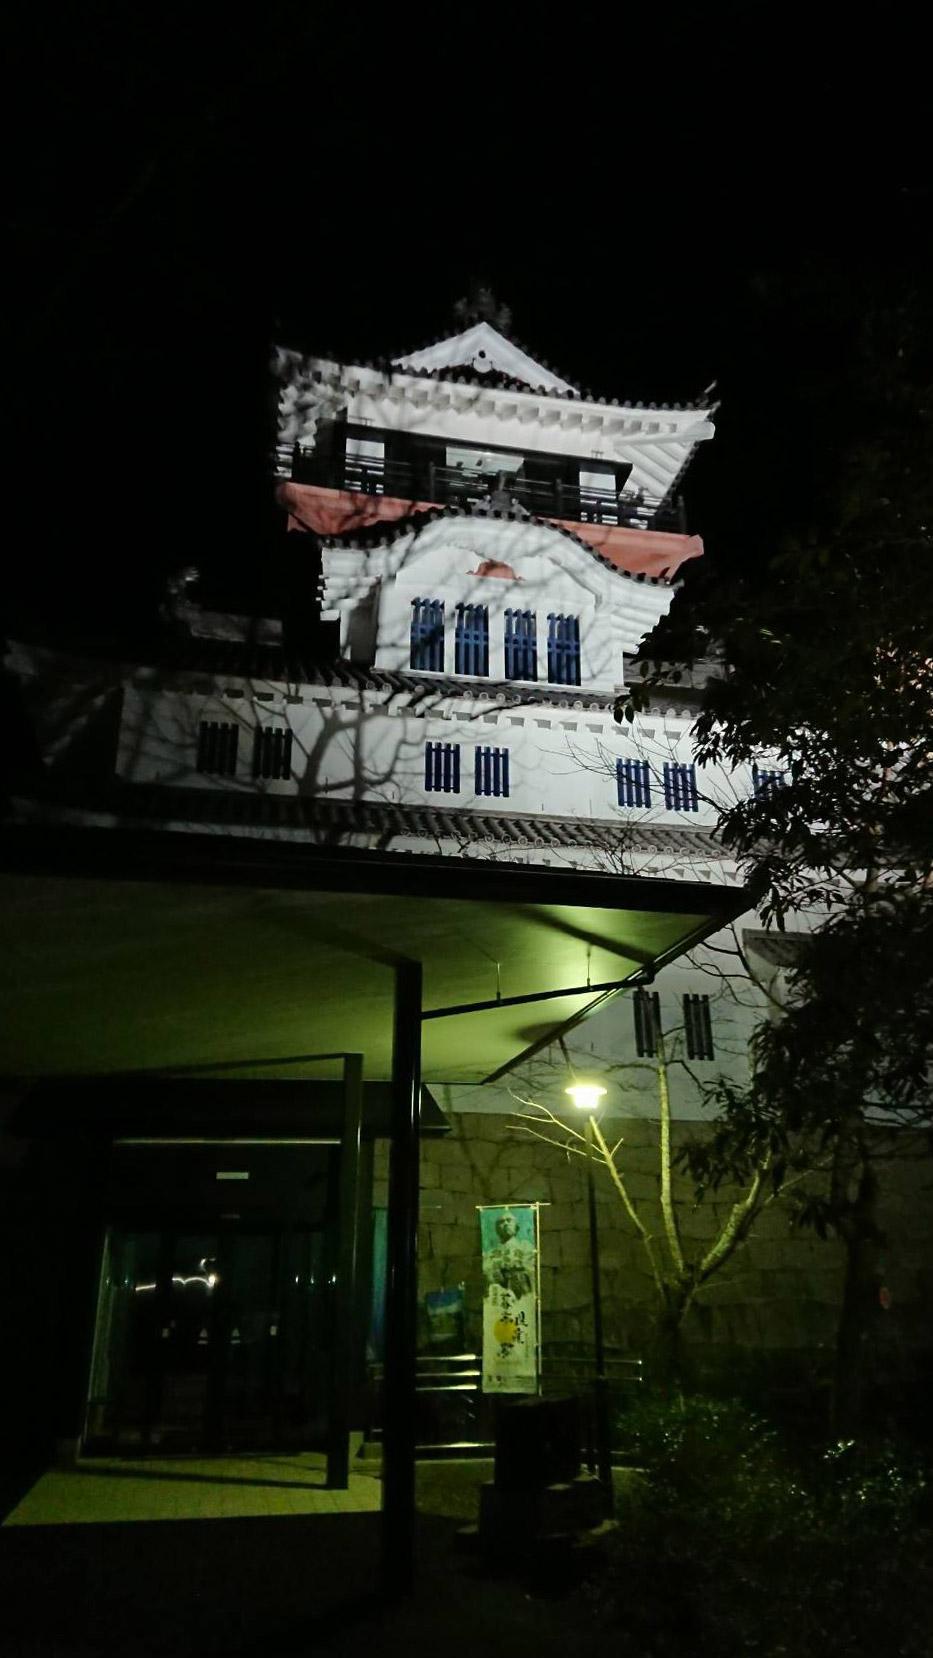 高知県四万十市郷土博物館